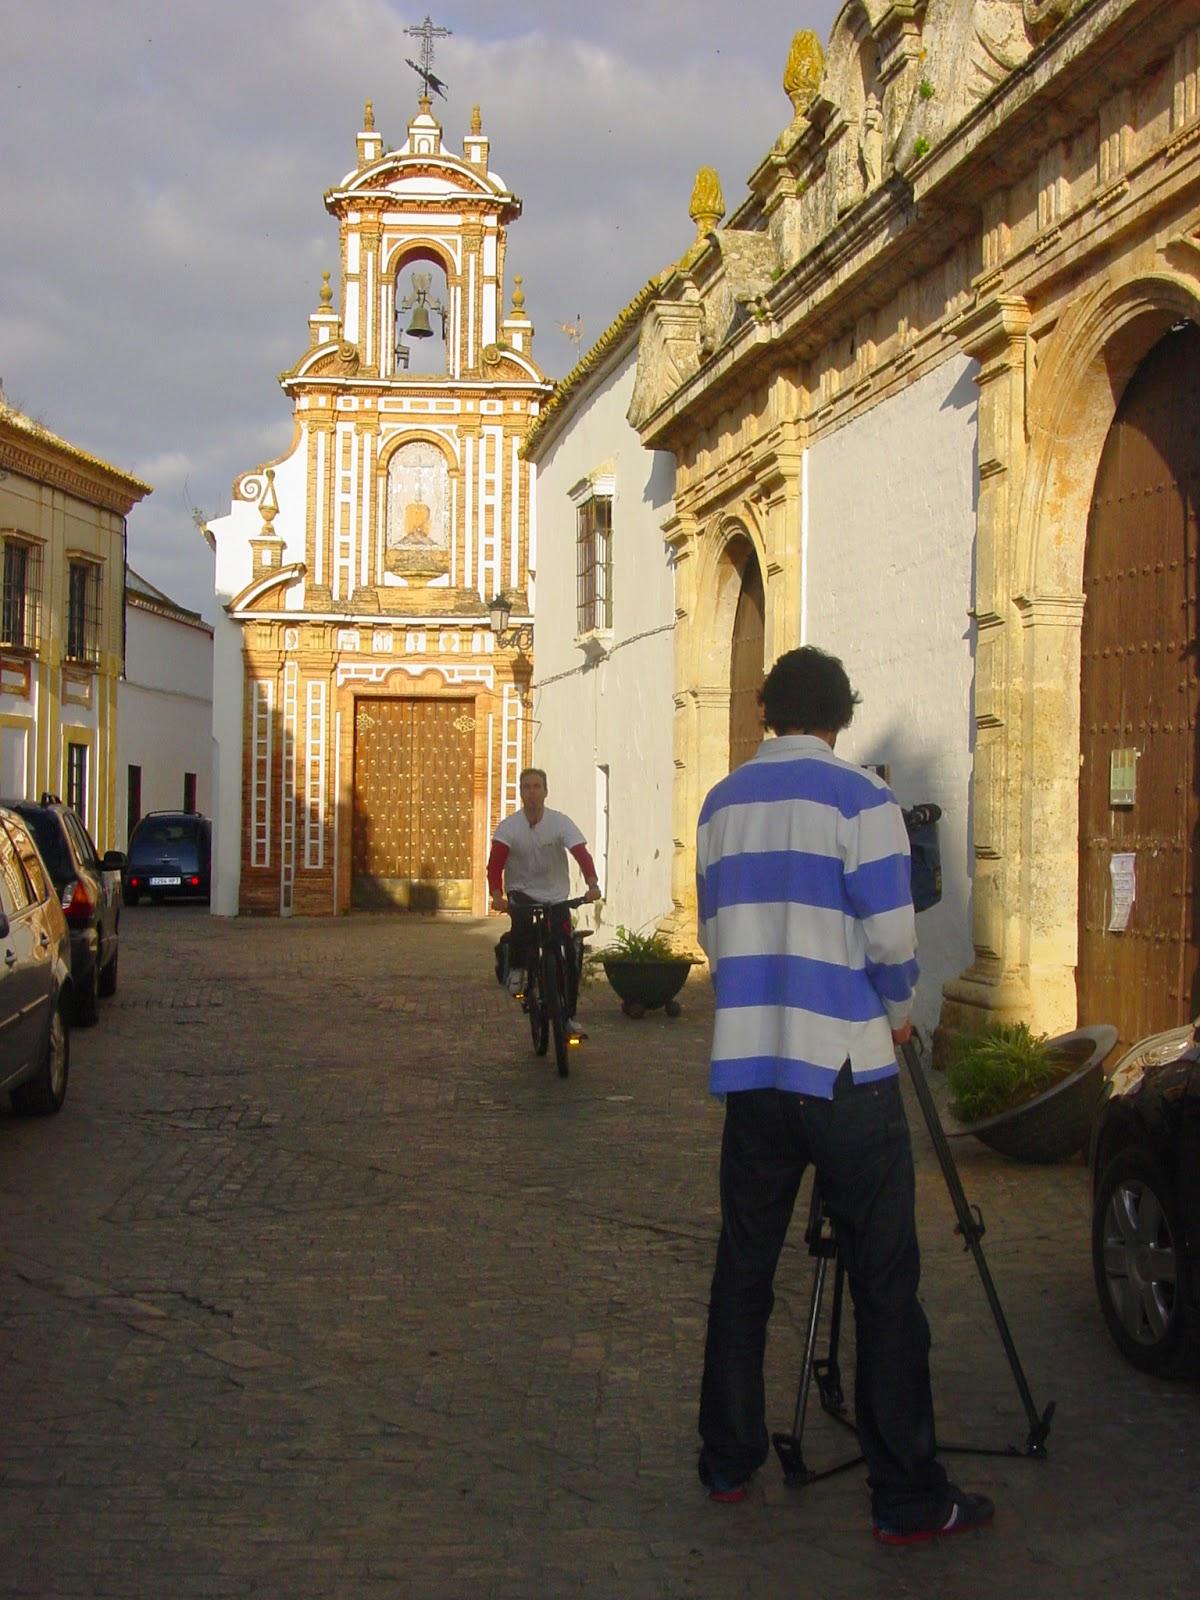 Oficina de turismo de carmona espa a directo graba en for Oficina turismo carmona